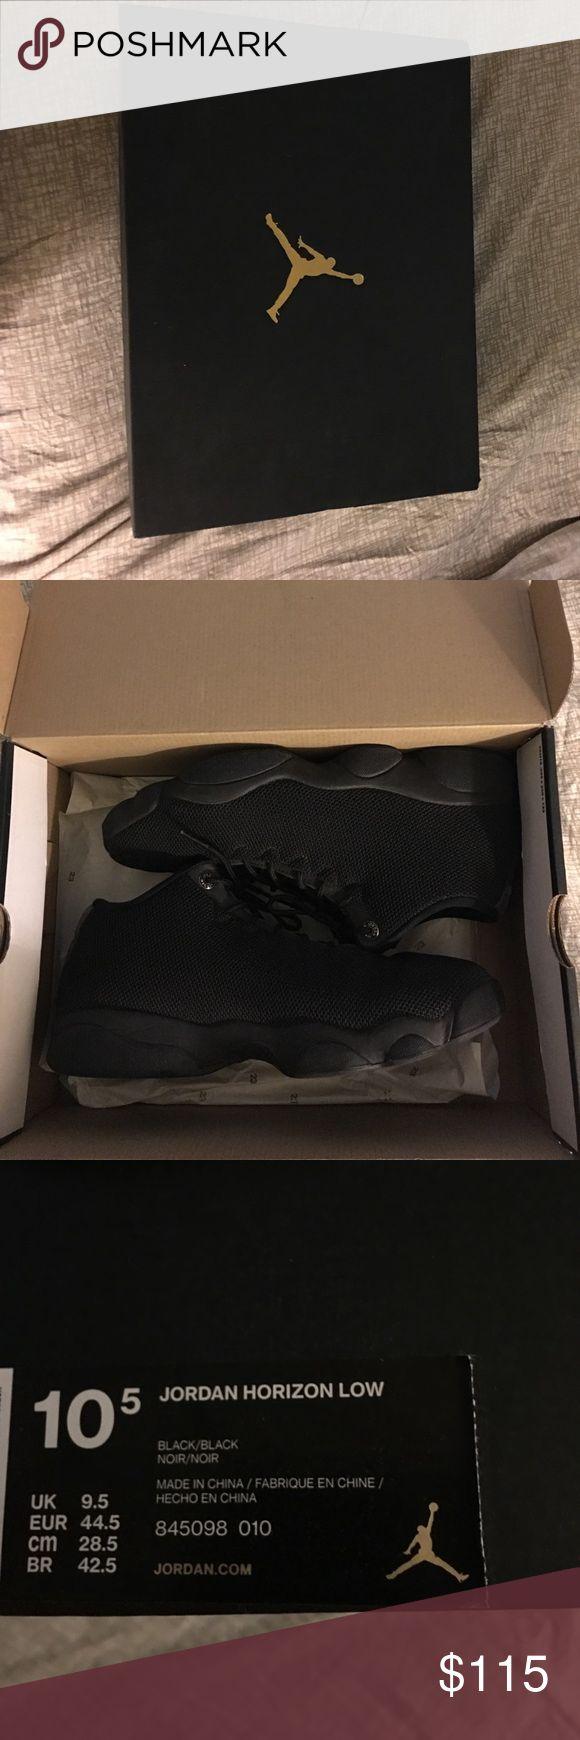 Air Jordan Horizon Low Top Black/Black Size 10.5 Jordan Shoes